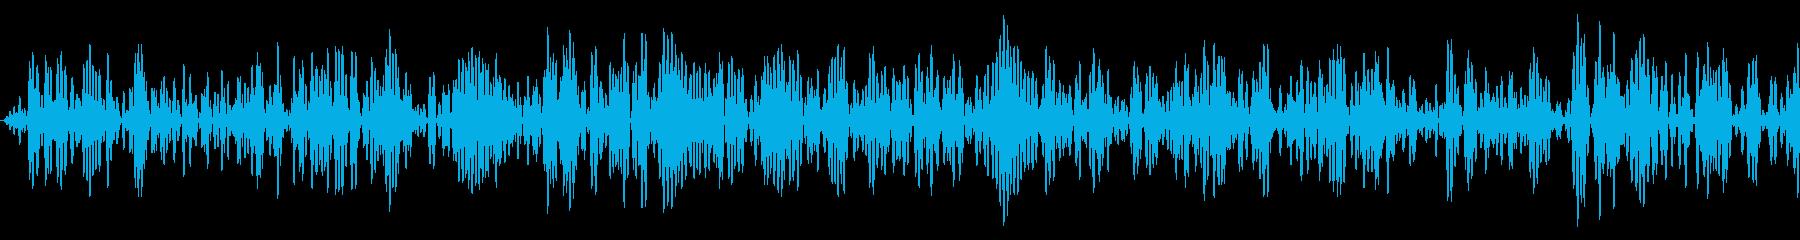 ザッ(レシーバーで喋った後に鳴るノイズ)の再生済みの波形